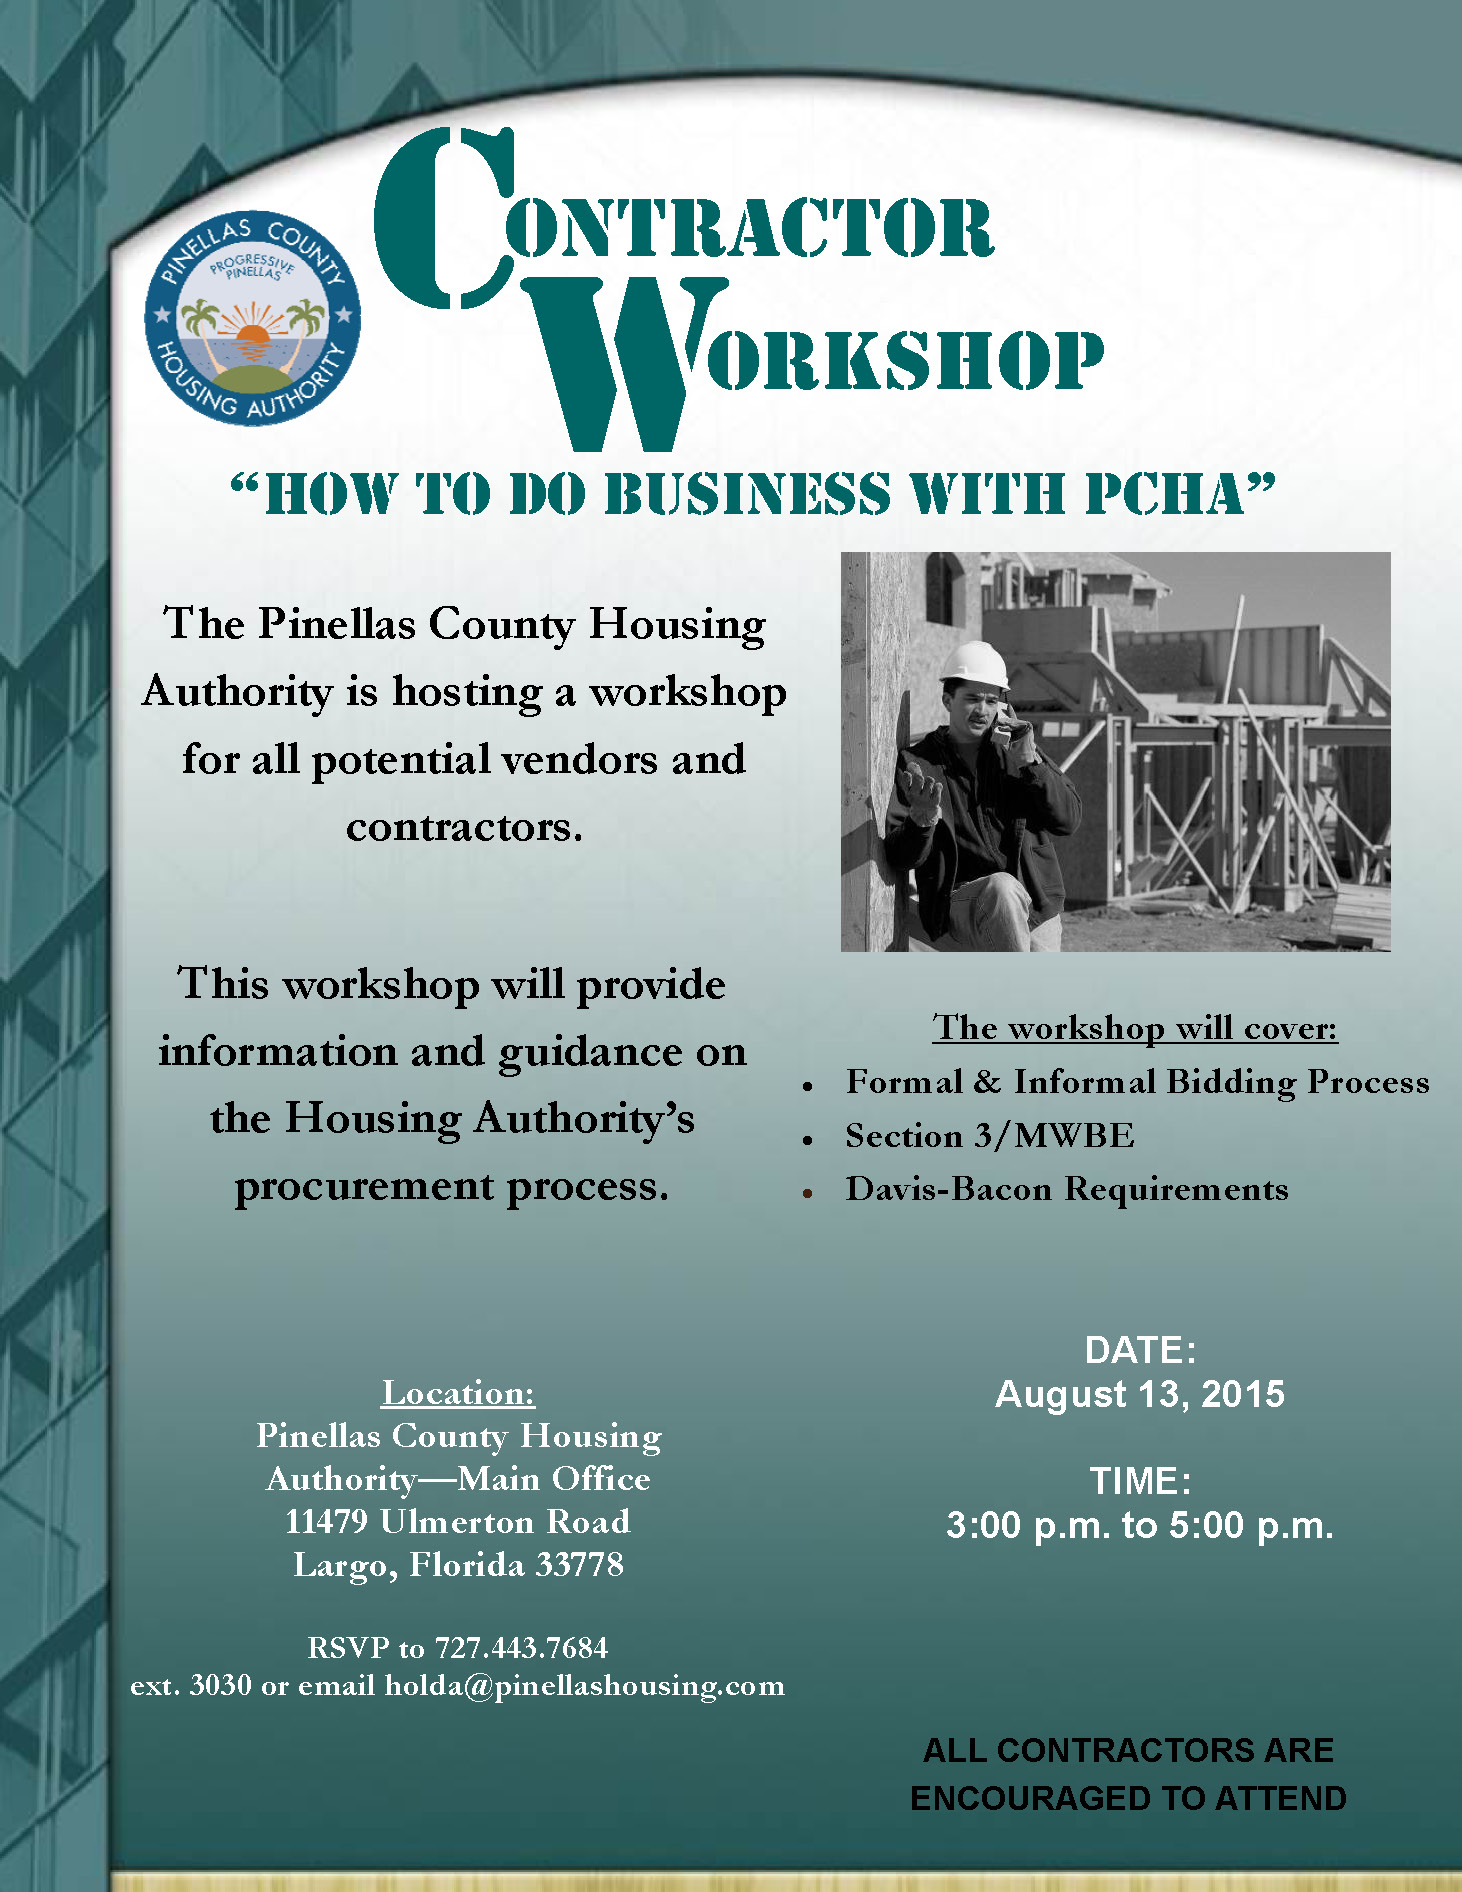 Contractor workshop  8.13.15